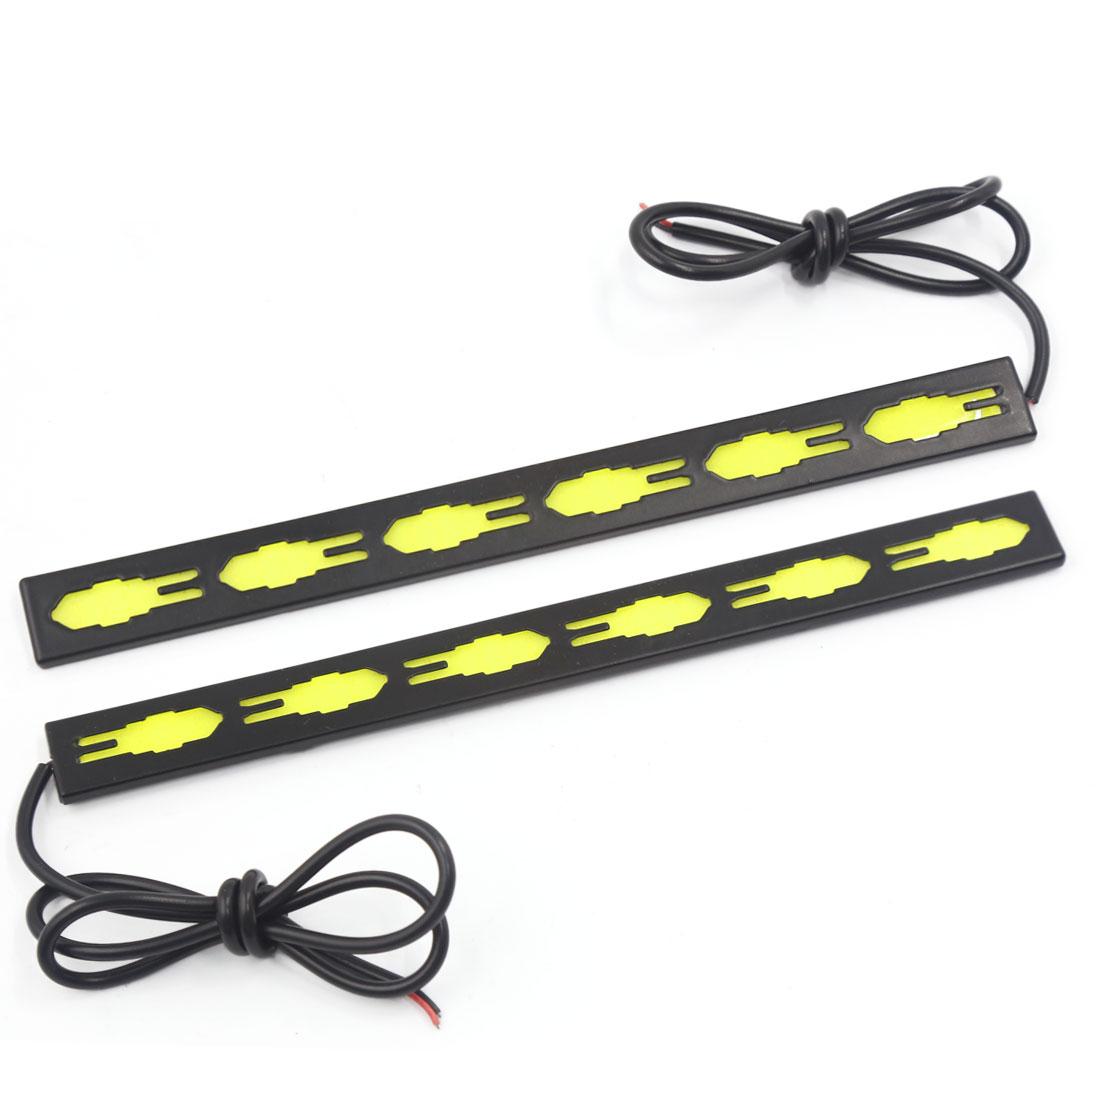 2 Pcs White COB LED Strip Daytime Running Light DRL Car Fog Day Driving Lamp